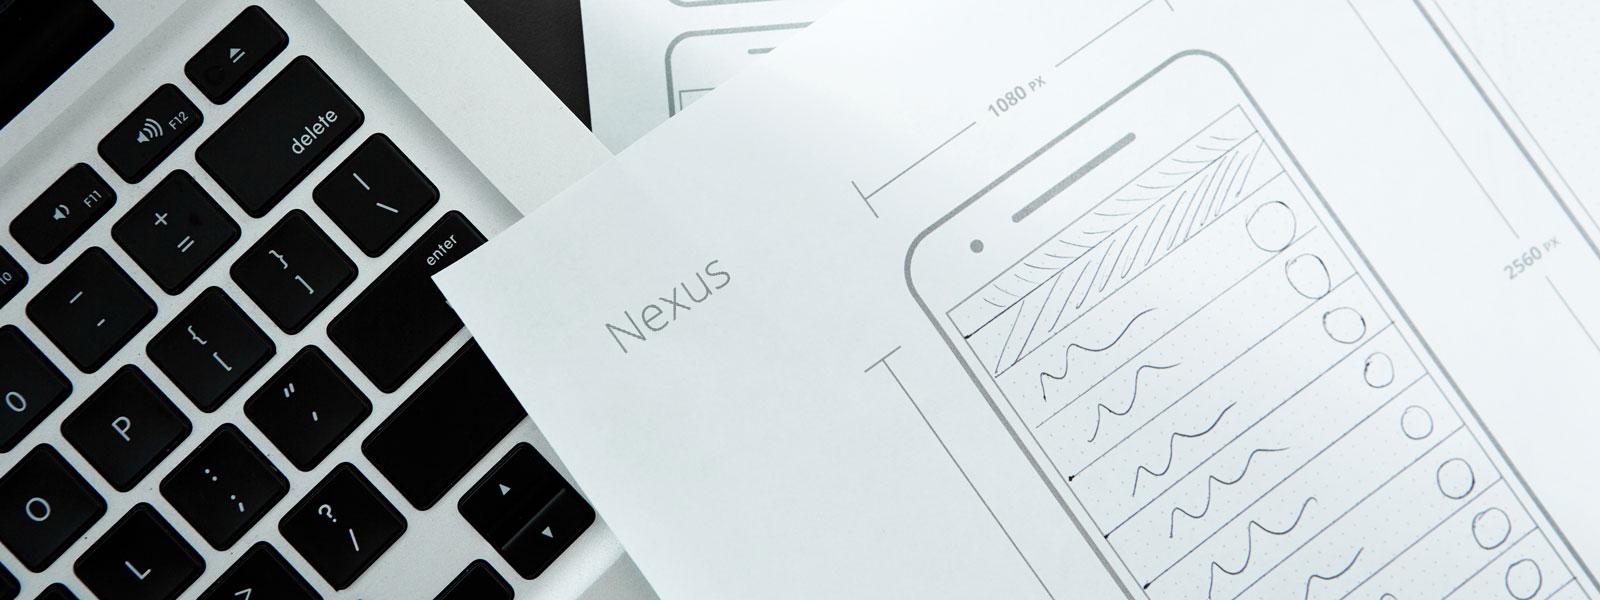 Mobile App Prototypes